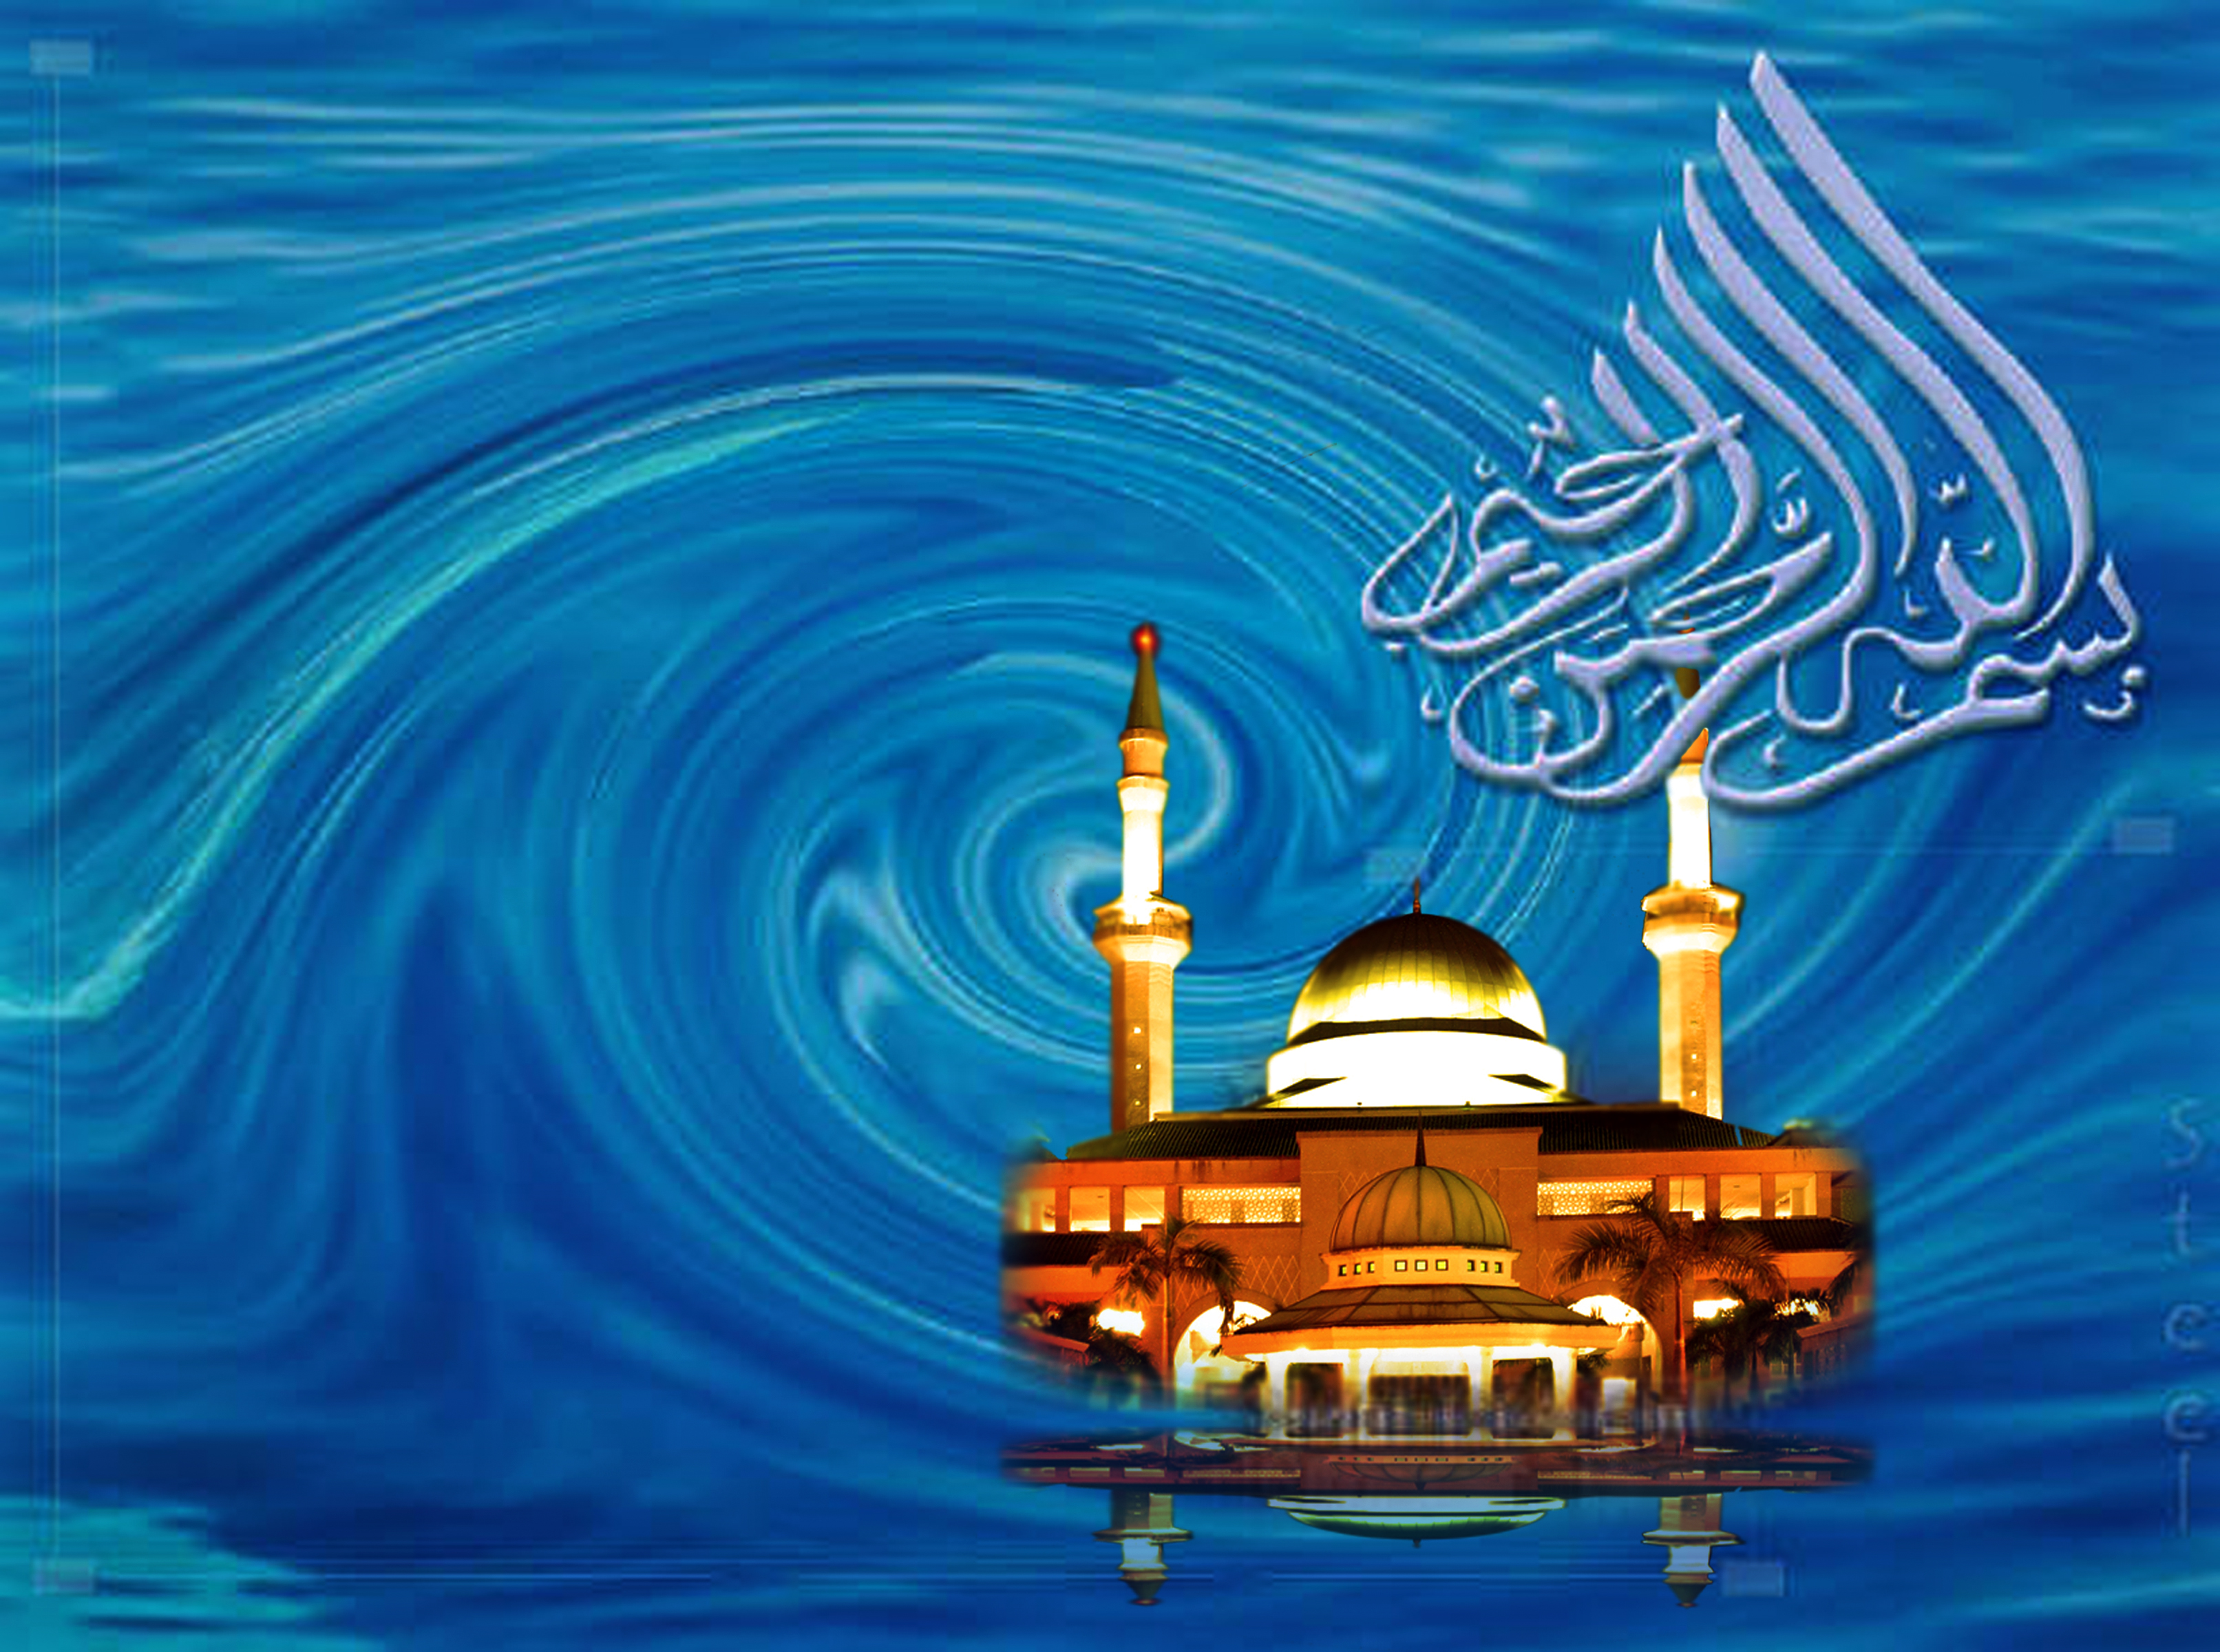 SULTAN HAJI AHMAD SHAH MOSQUE